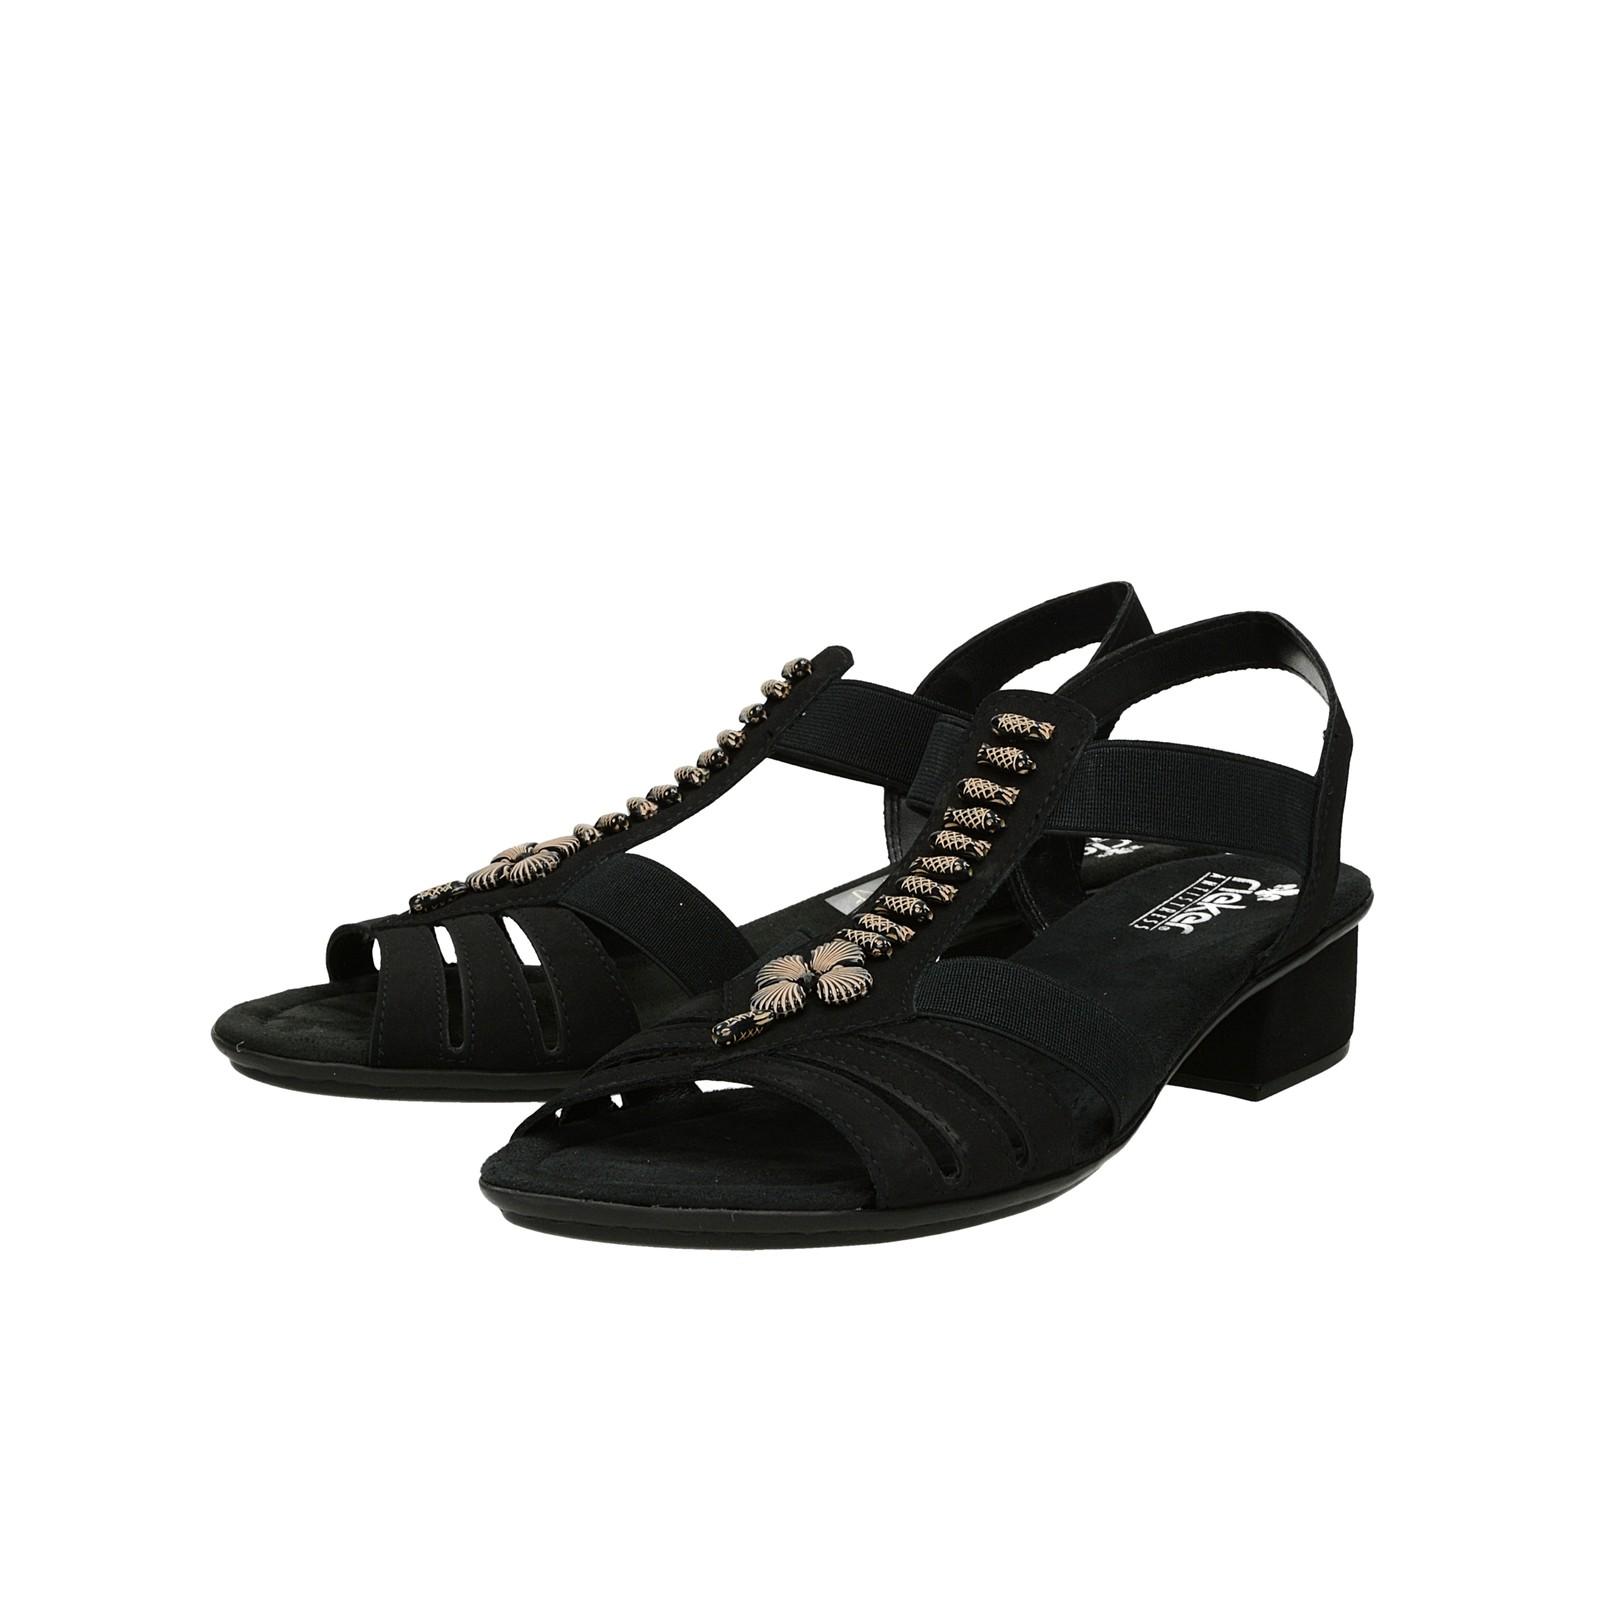 08216df13c38 Rieker dámske sandále s ozdobnými prvkami - čierne ...